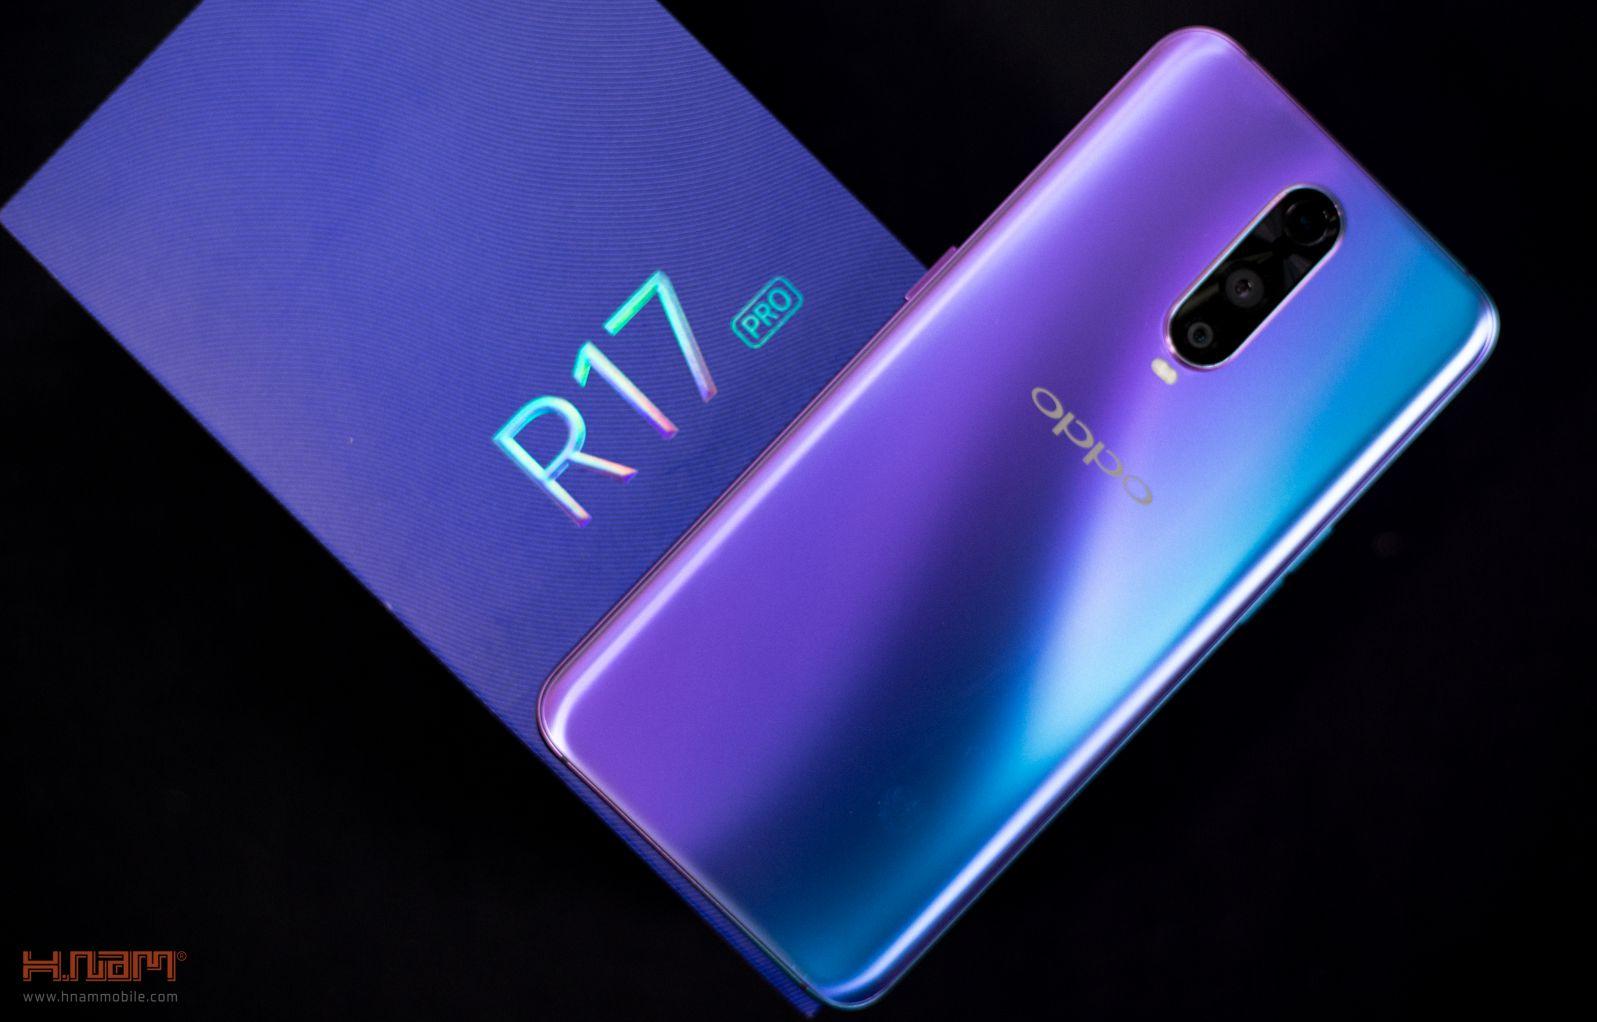 Trên tay Oppo R17 Pro: mặt lưng siêu đẹp, sạc siêu nhanh hình 2